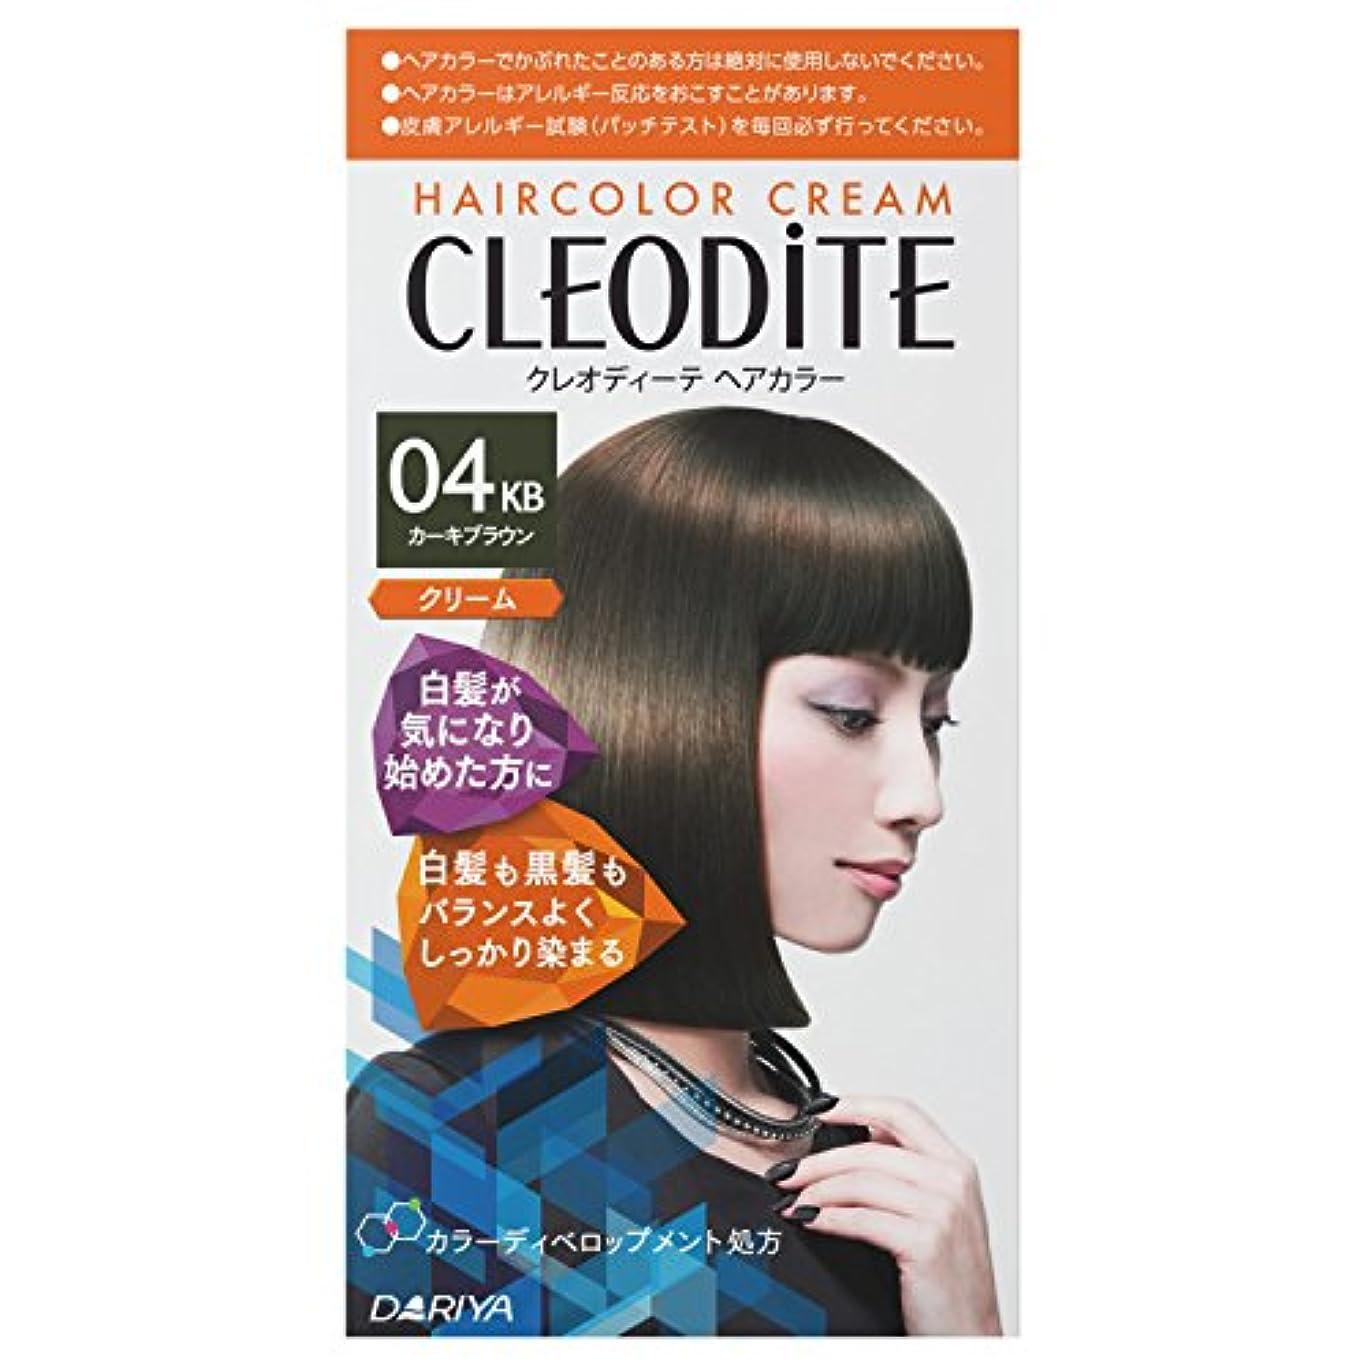 認知発表コンプリートクレオディーテ ヘアカラークリーム白髪が気になり始めた方用 04KB カーキブラウン